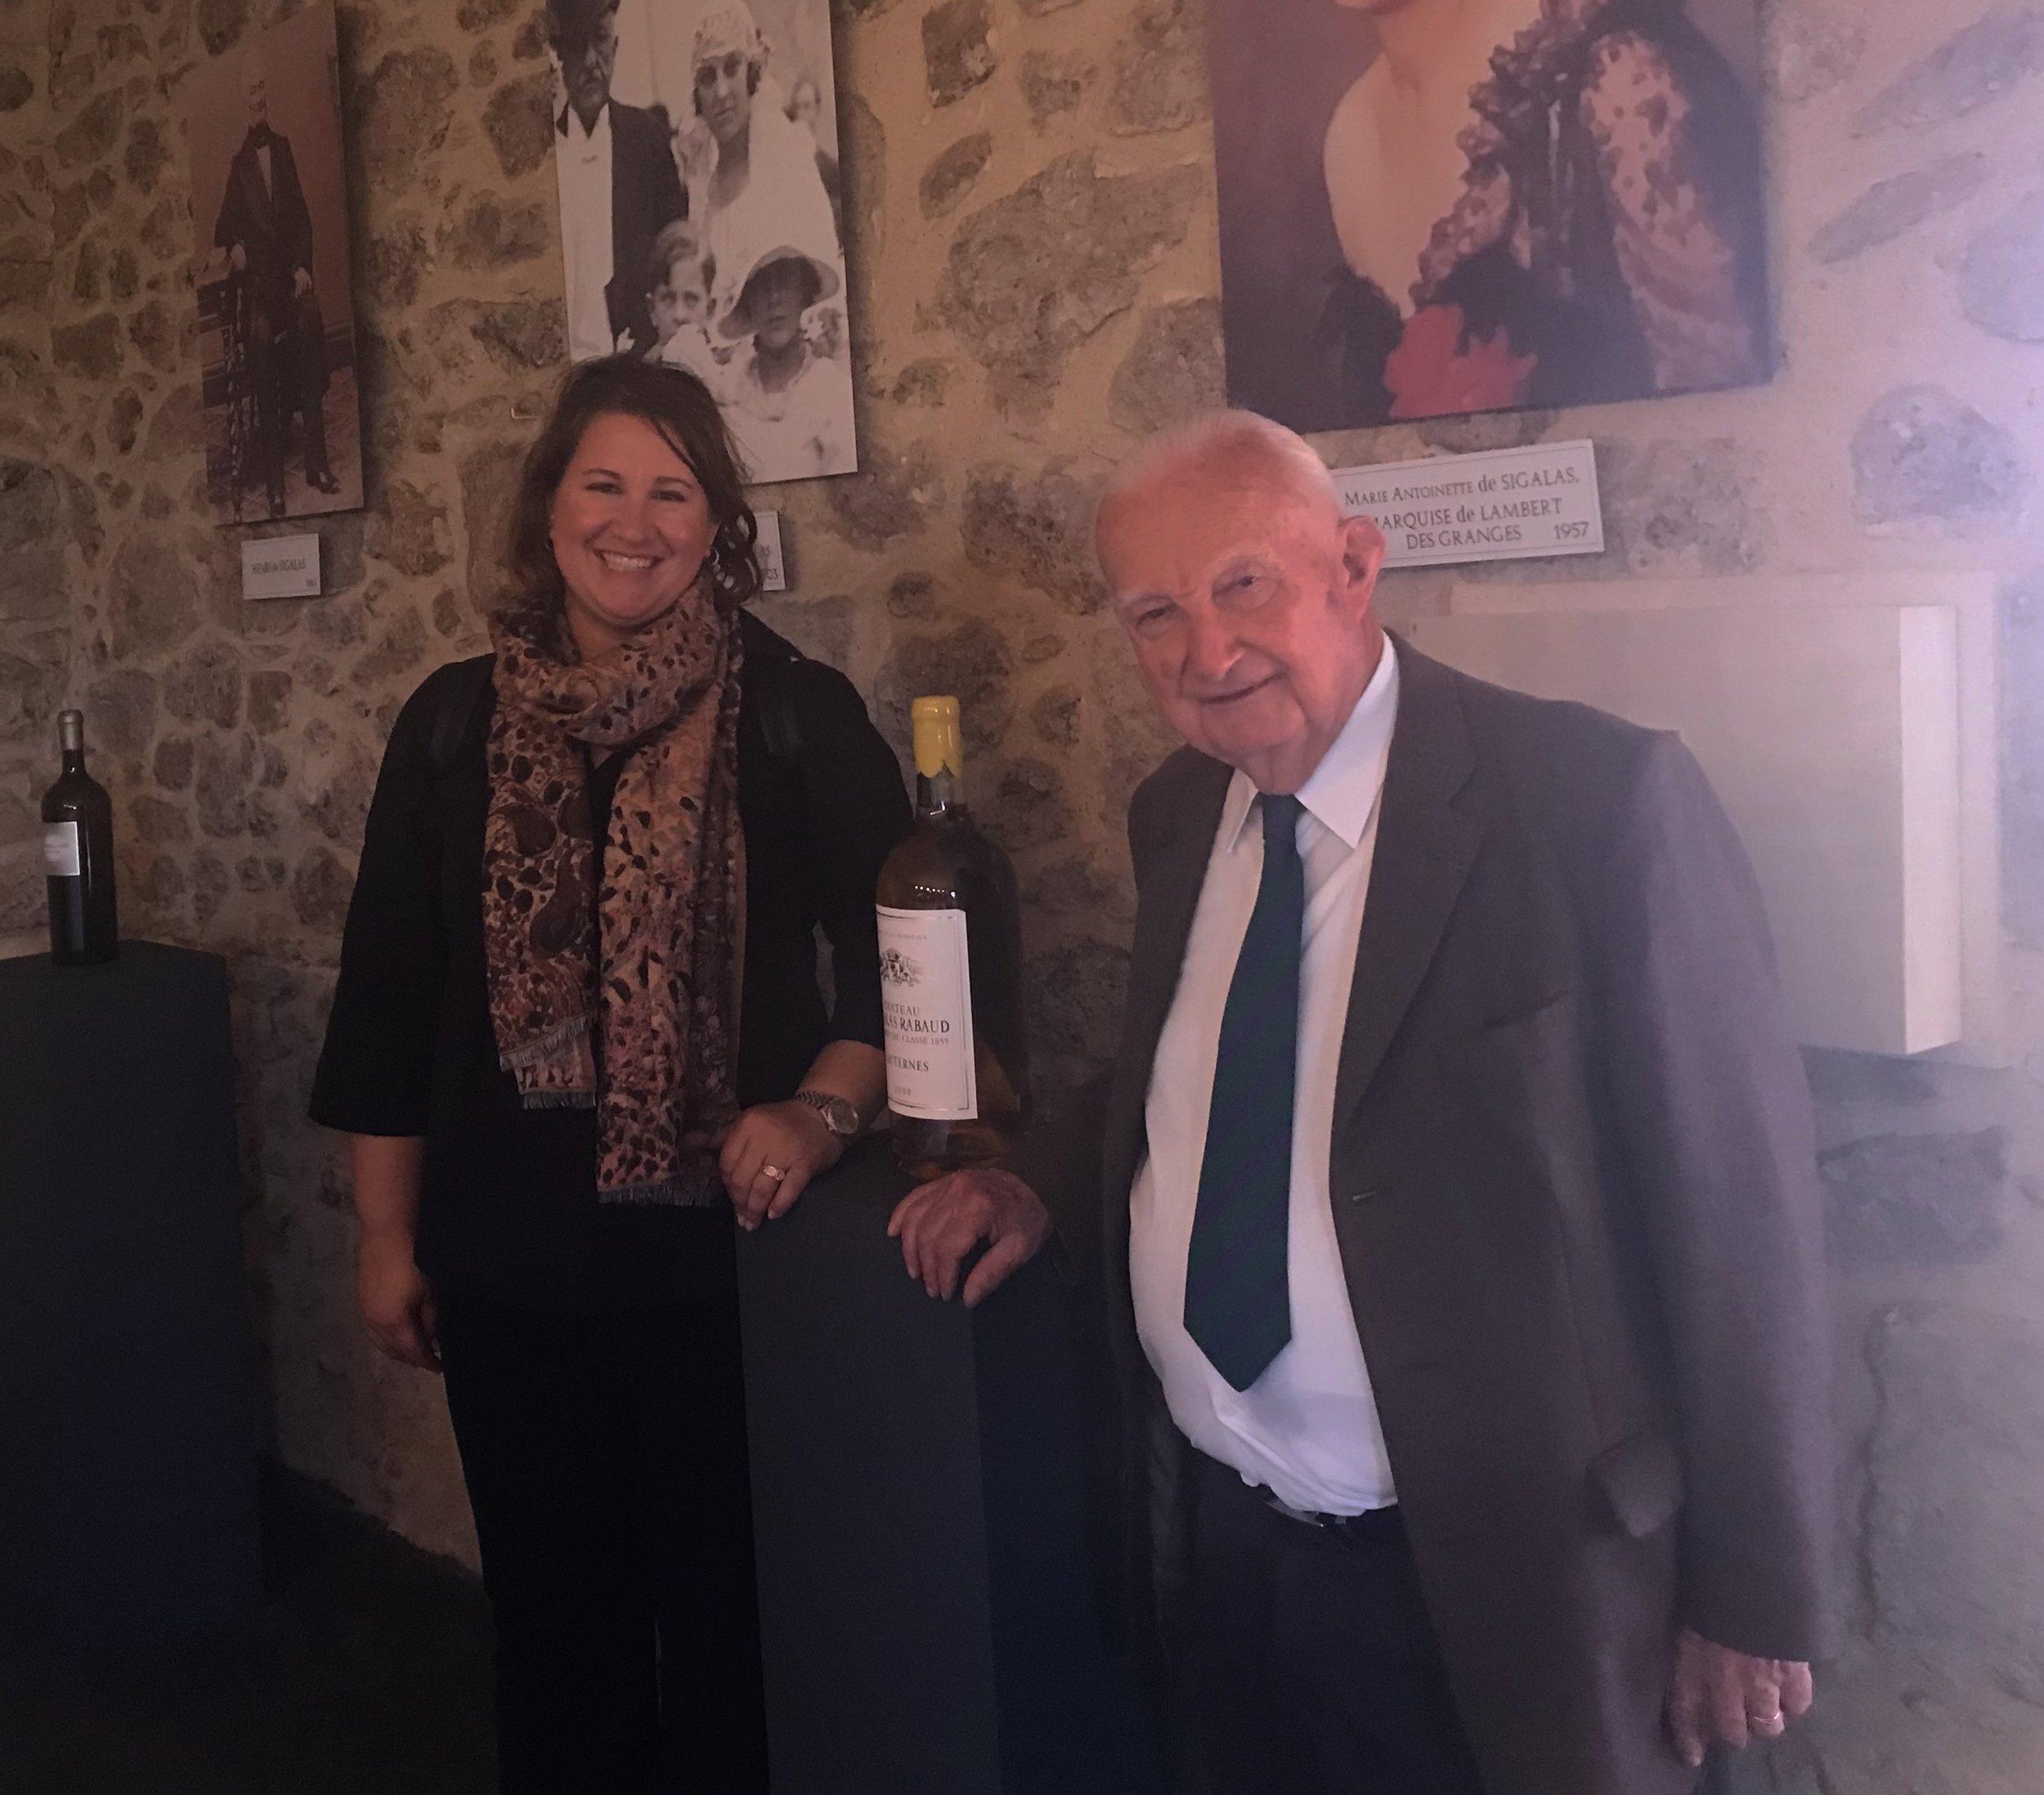 Jolene with Marquis de Lambert de Granges at Chateau Siglas Rabaud, Premier Grand Cru Classe Sauternes